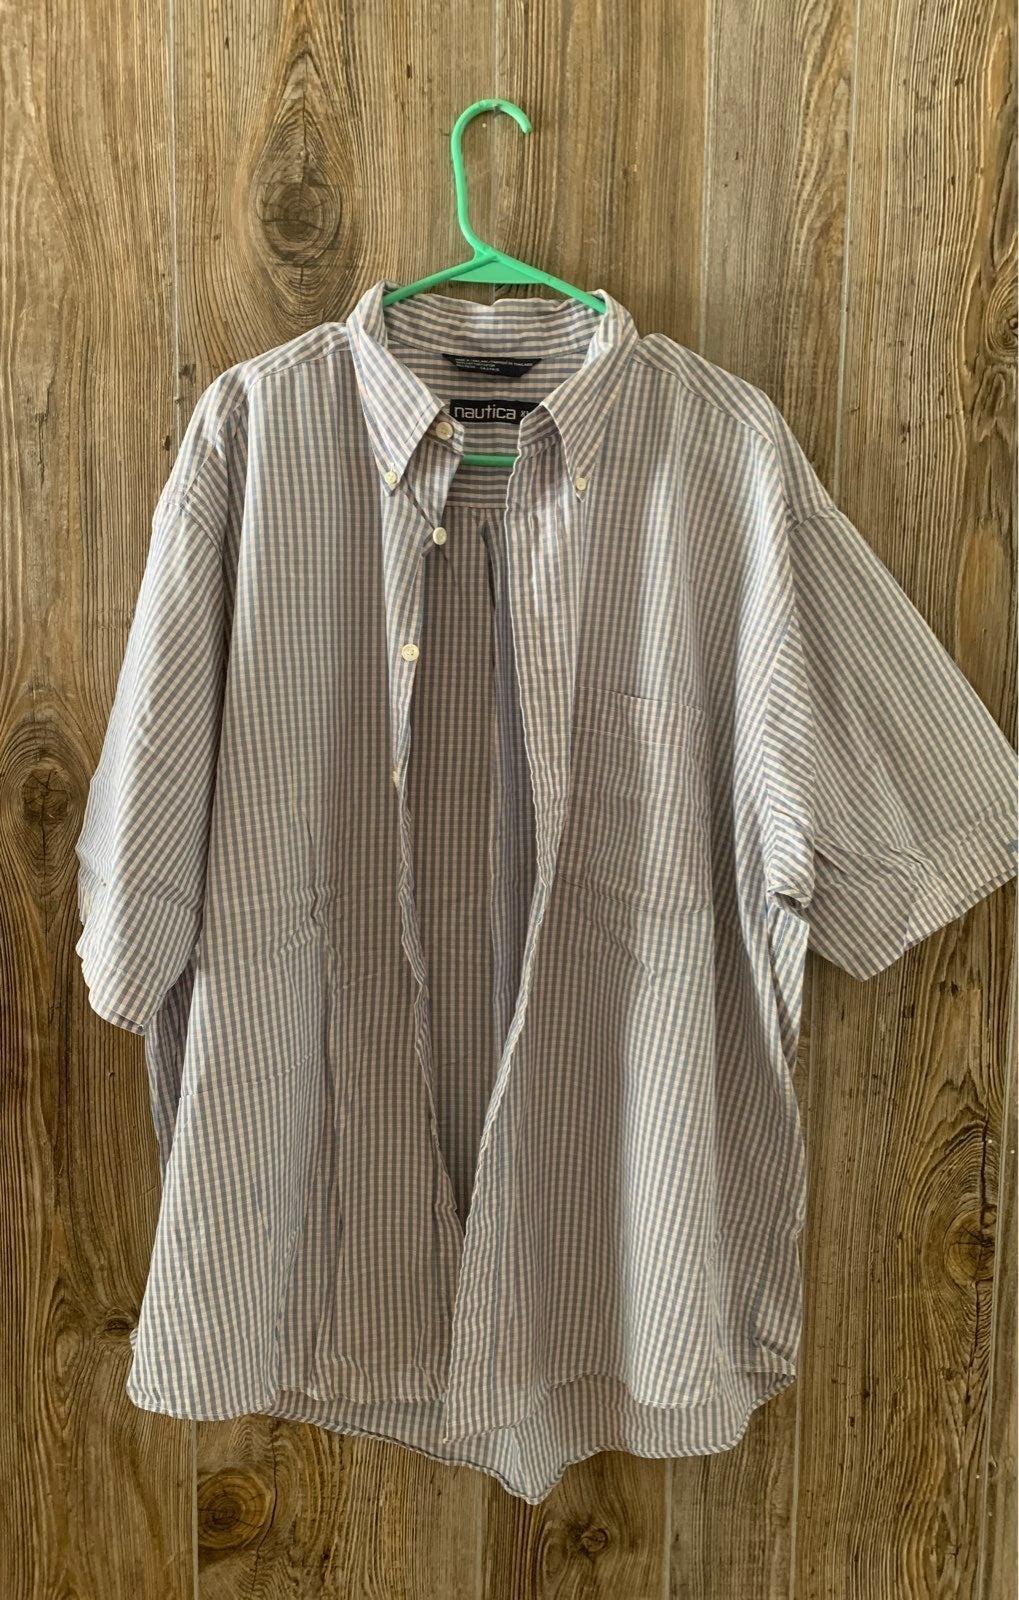 10 mens asdorted shirts